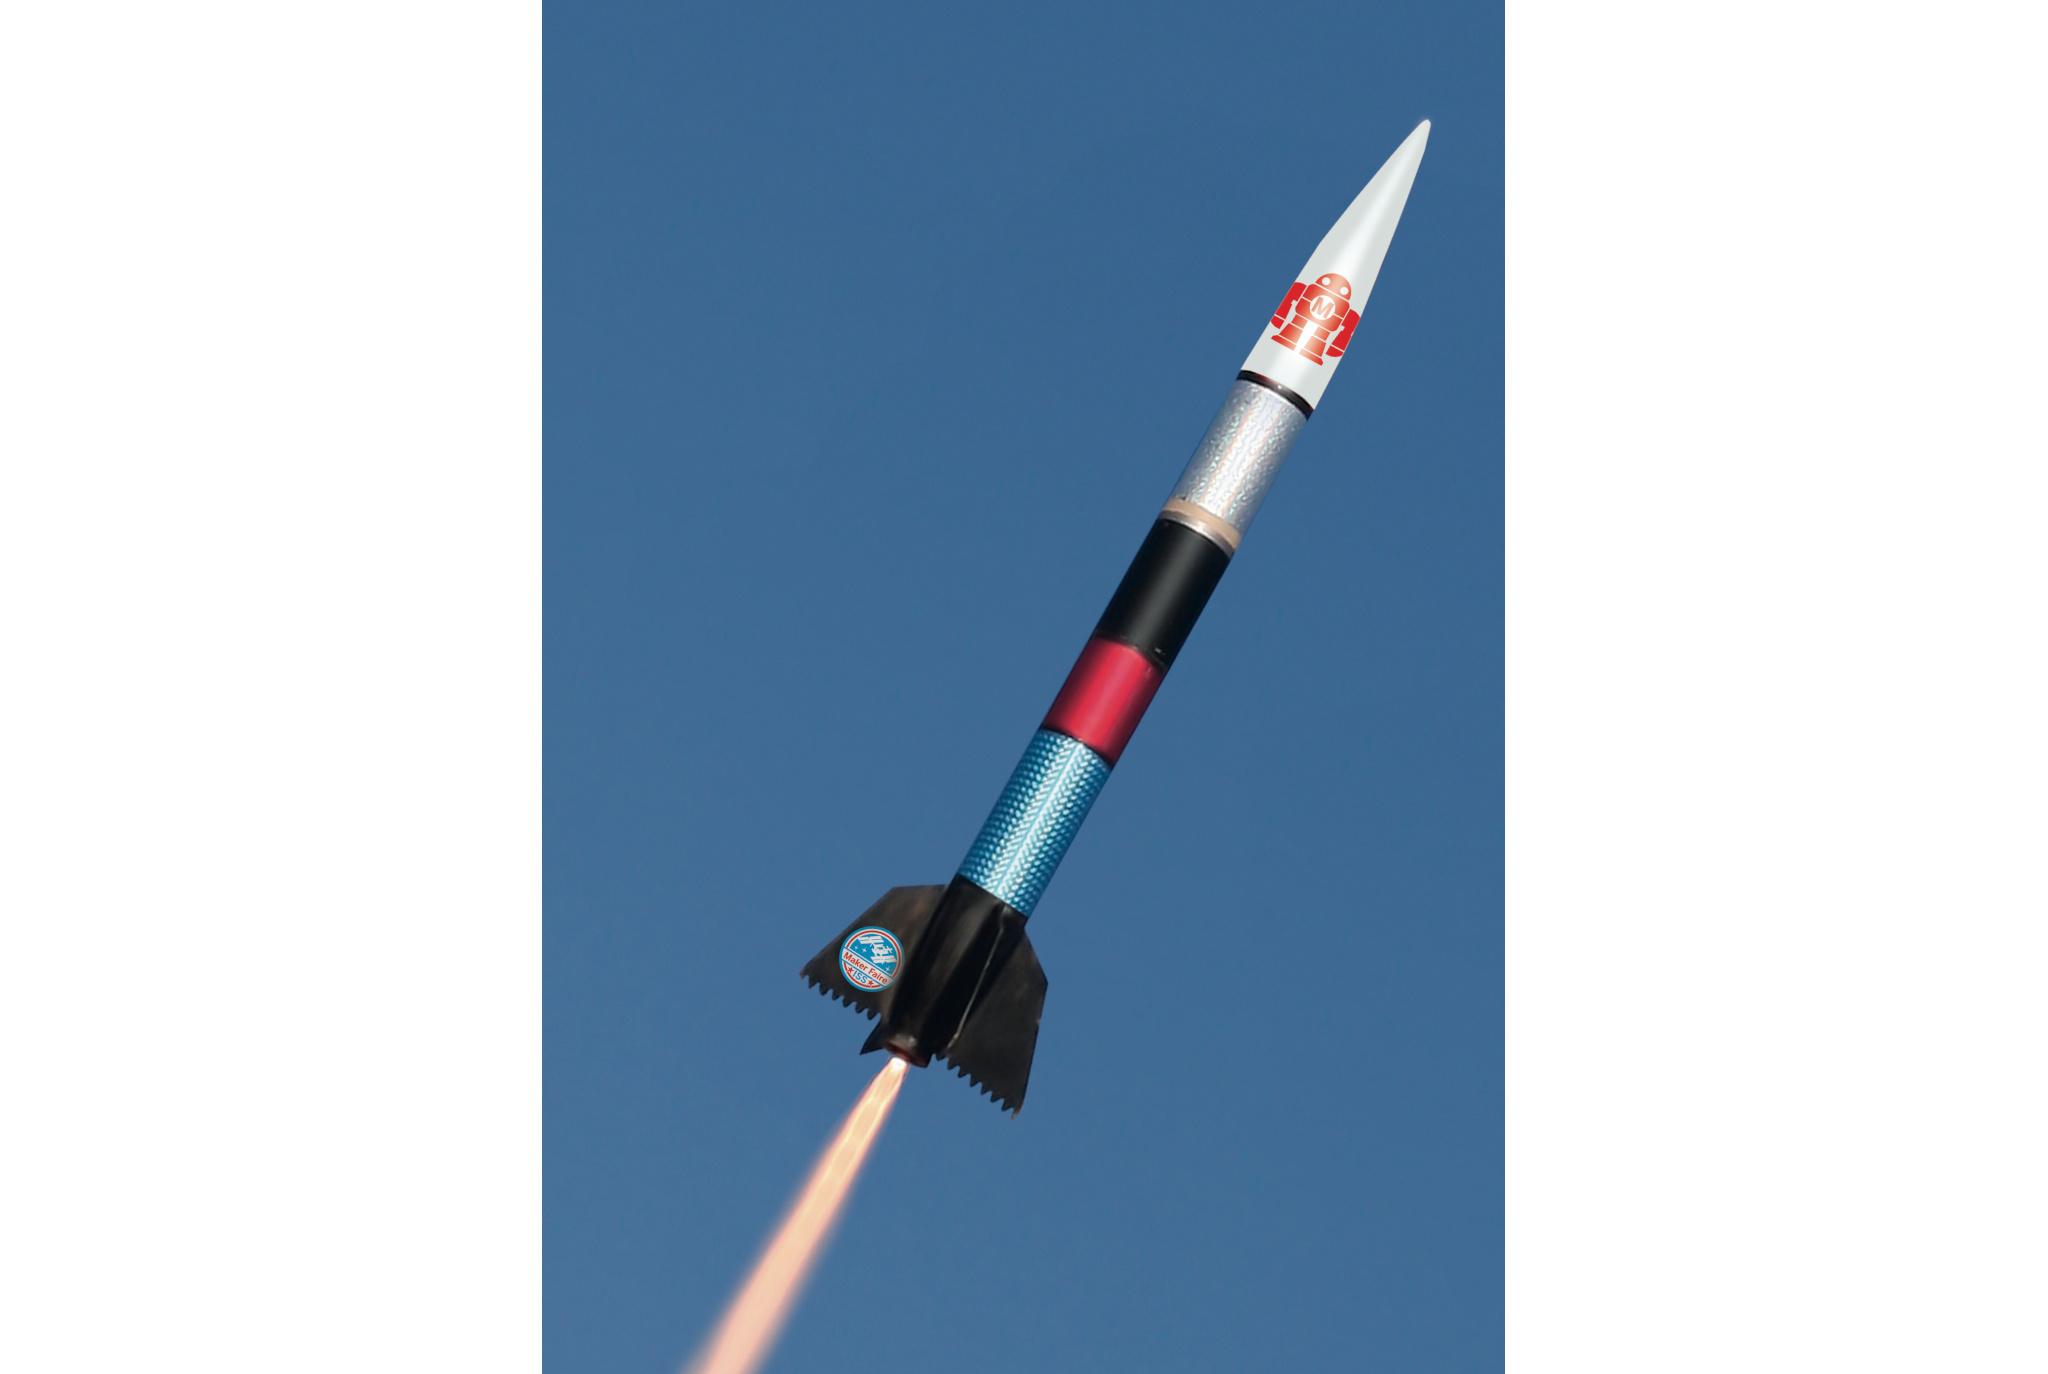 Modell Raketen Bauen Und Starten Make Magazin Heise Magazine